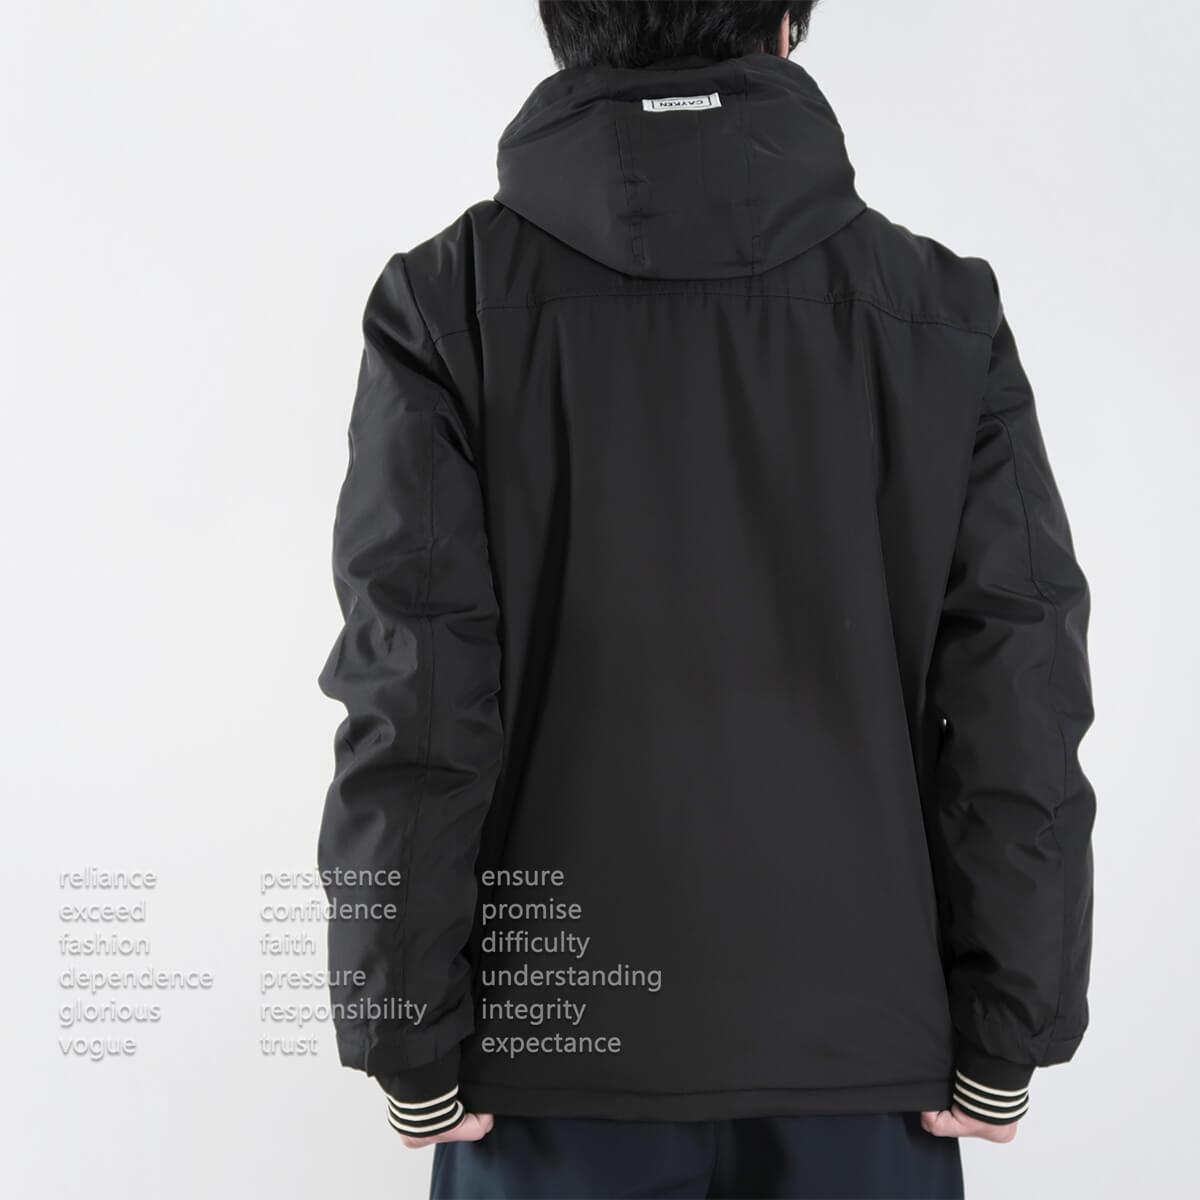 厚舖棉保暖風衣外套 時尚夾克外套 保暖外套 騎士外套 防風外套 休閒外套 鋪棉外套 黑色外套 時尚穿搭 WARM PADDED JACKETS WINDBREAKER (321-8783-01)軍綠色、(321-8783-02)黑色 2L 3L(胸圍50~52英吋) [實體店面保障] sun-e 7